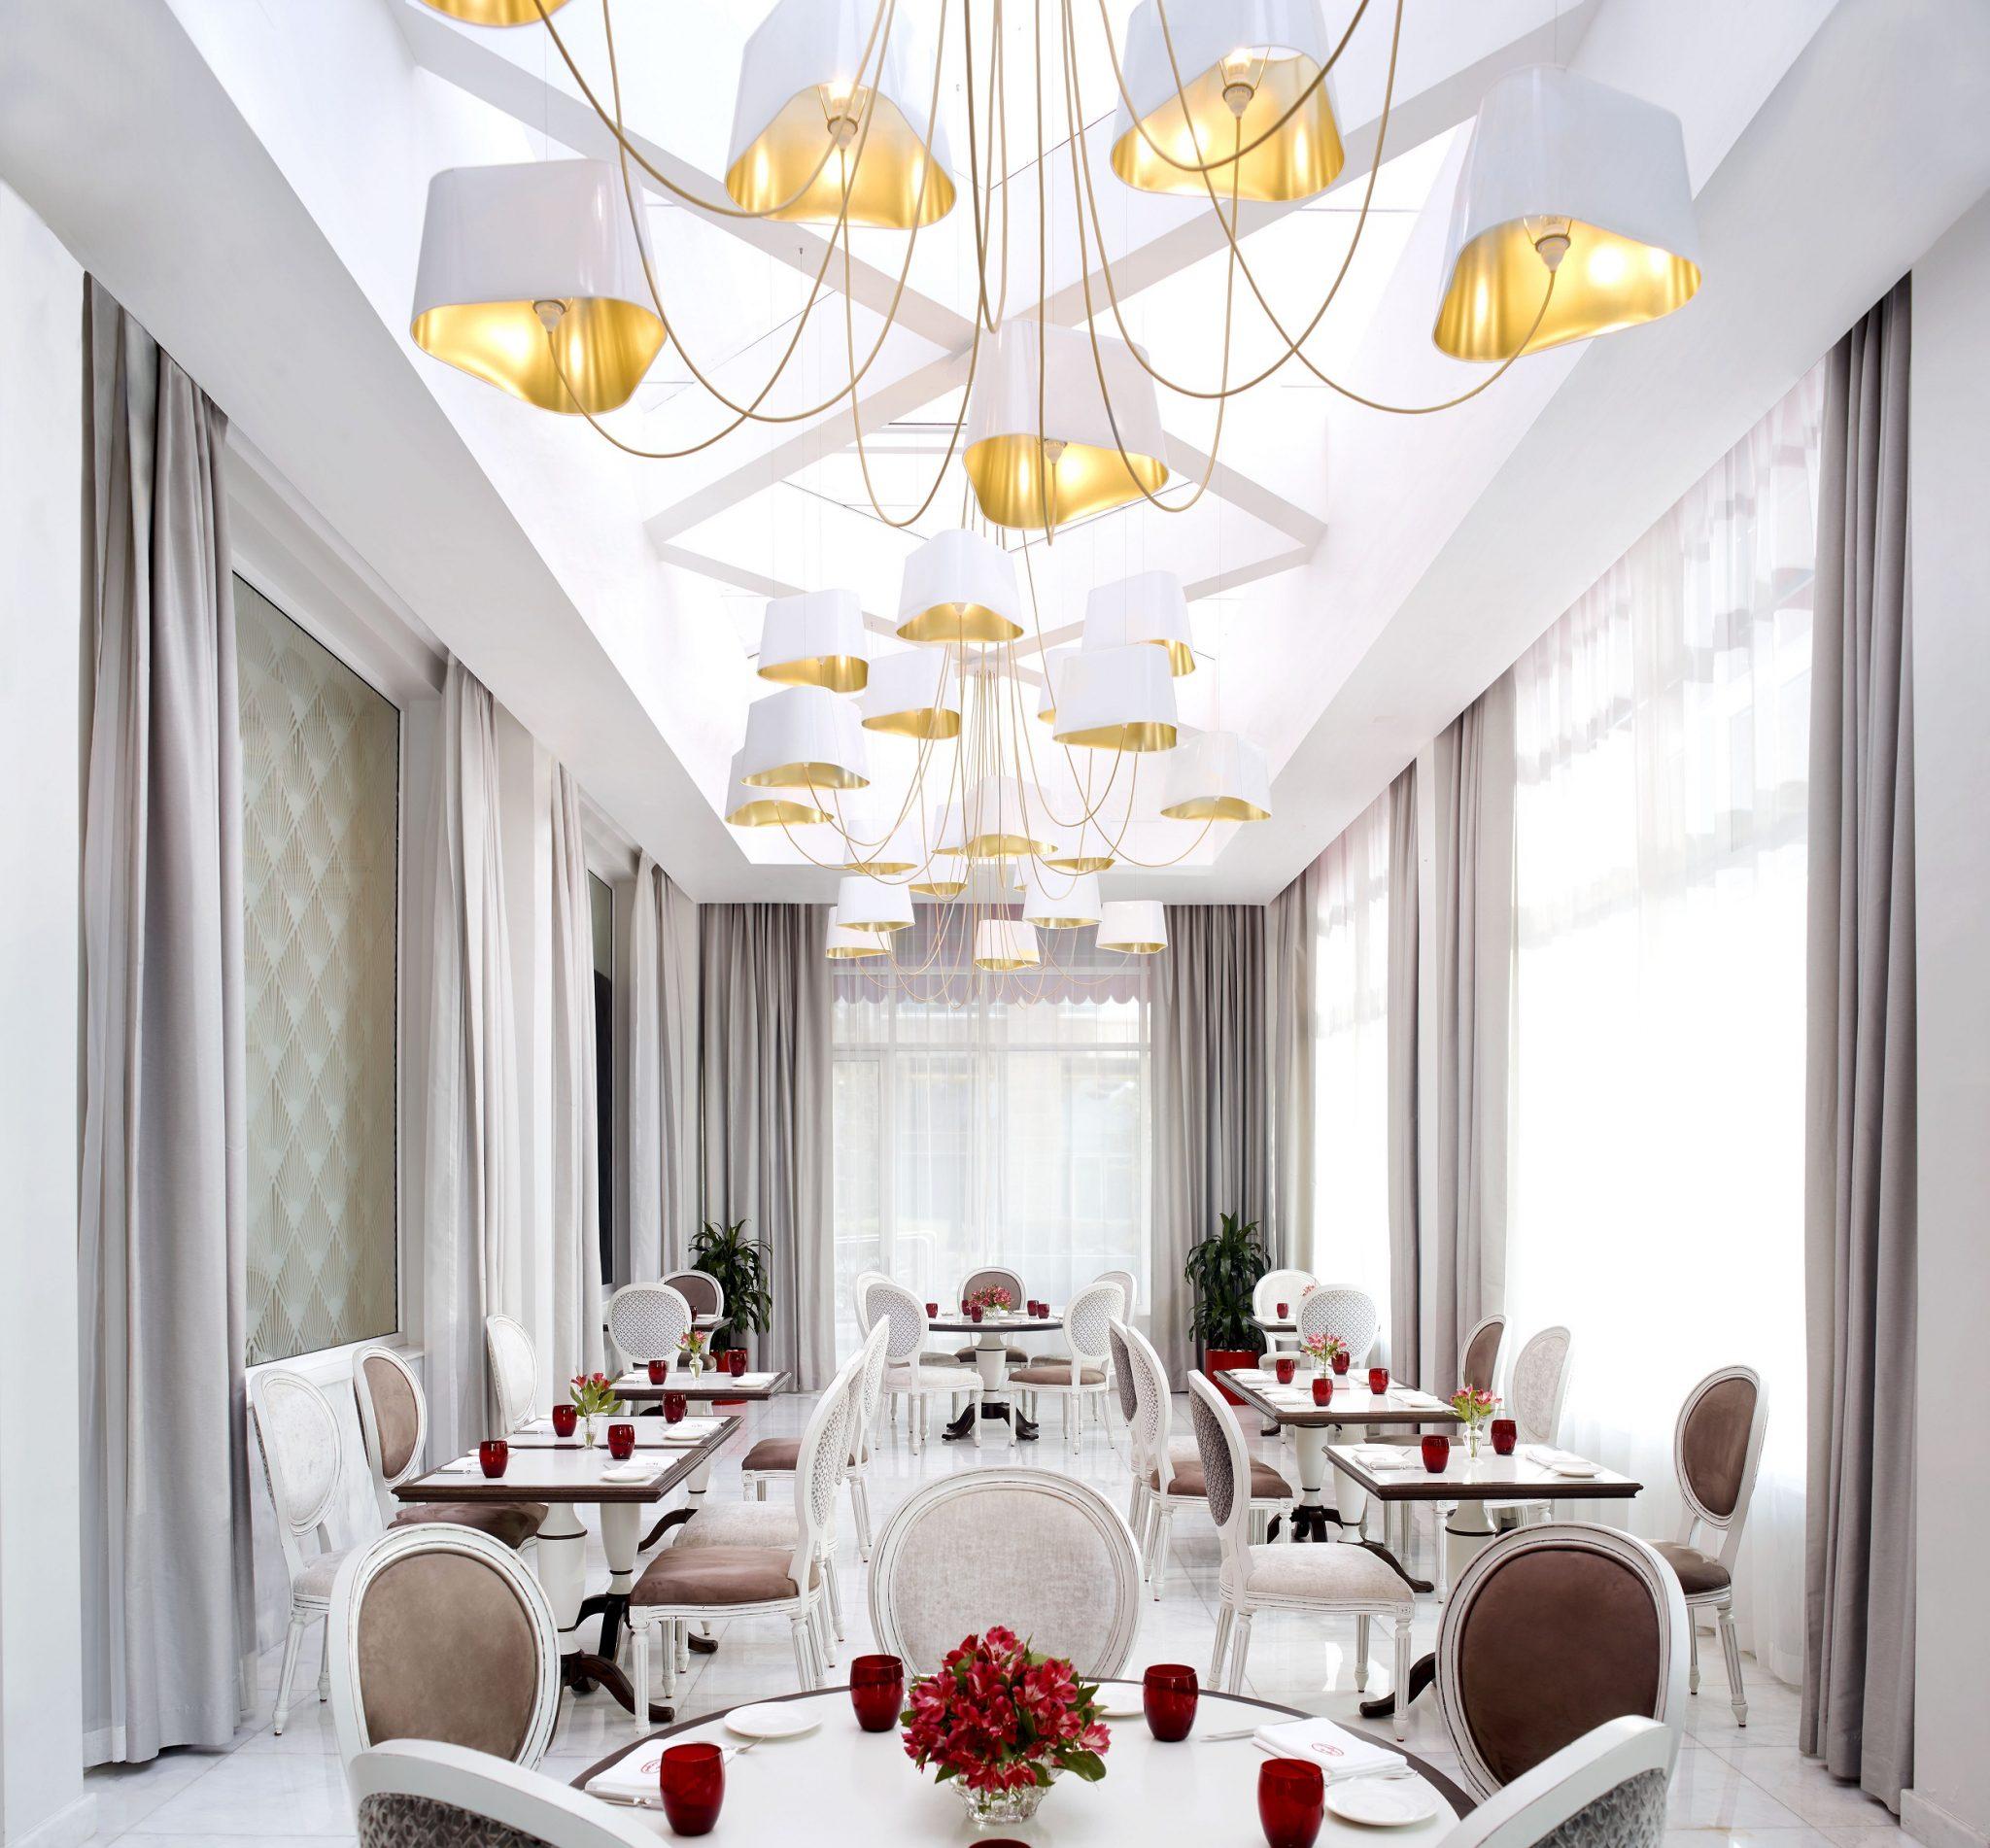 فندق الريتز-كارلتون مركز دبي المالي العالمي